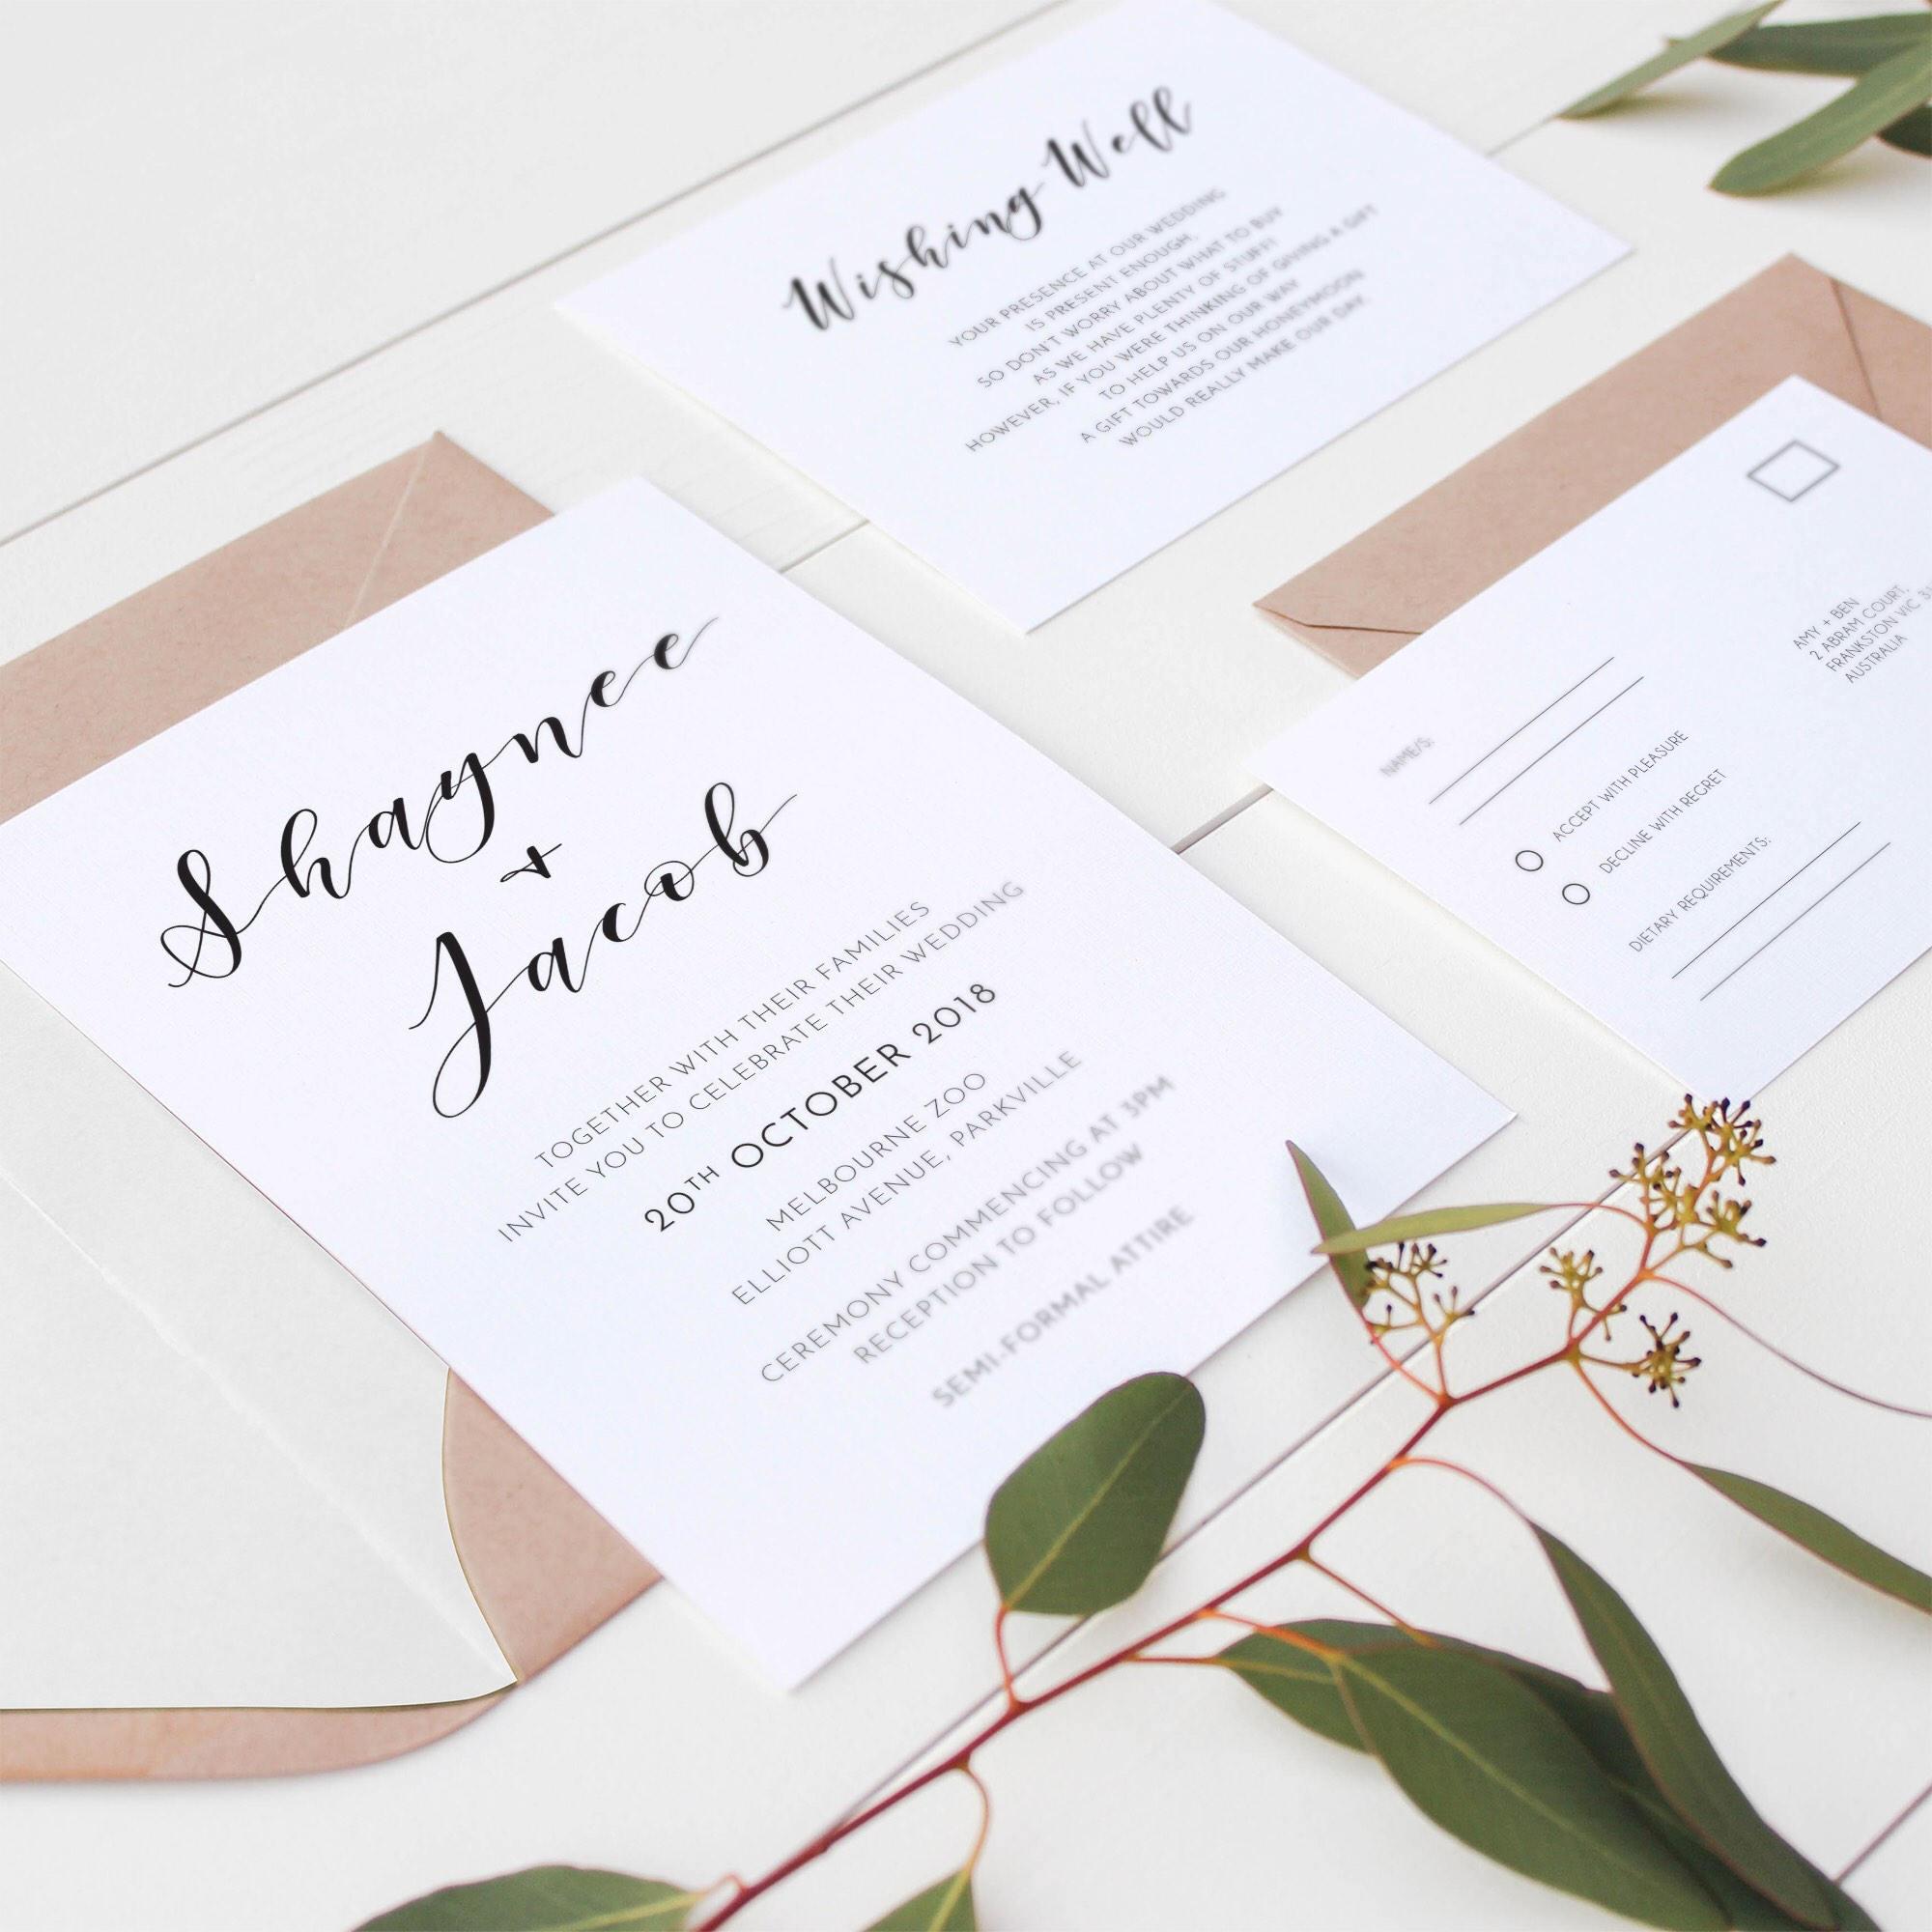 Printable wedding invitations monochrome simplistic zoom stopboris Choice Image